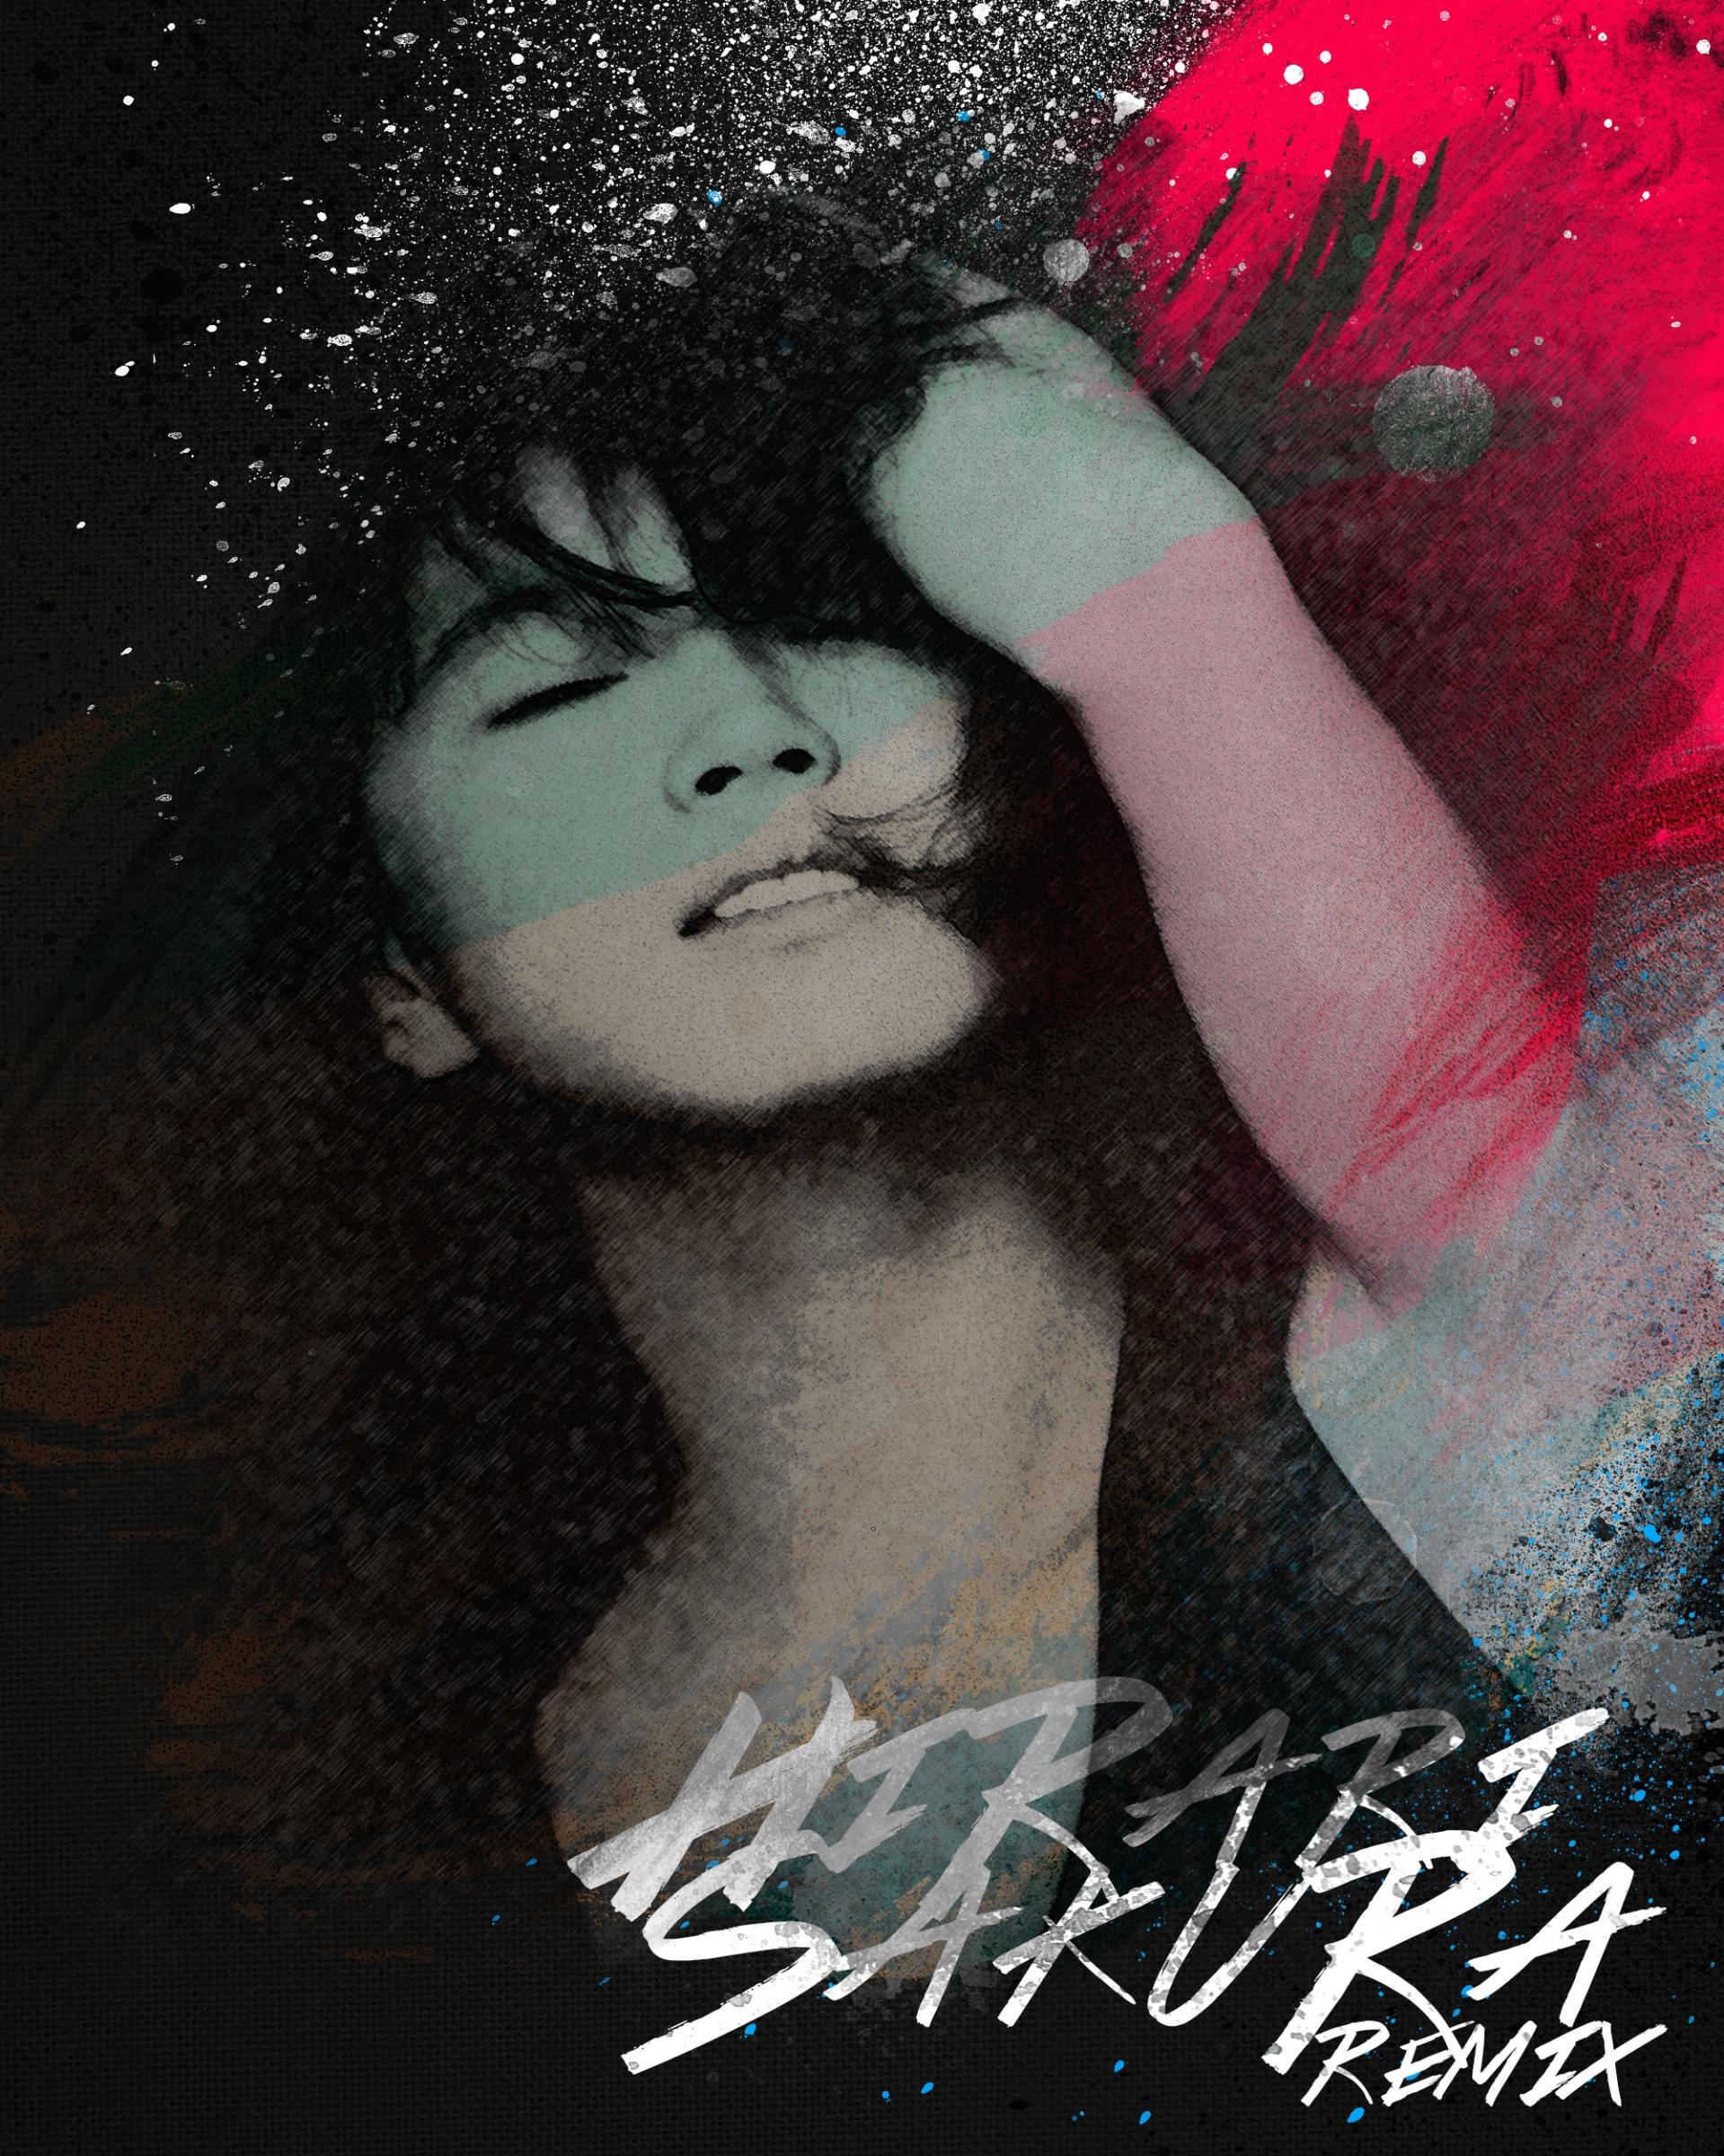 hirari-sakura-remix